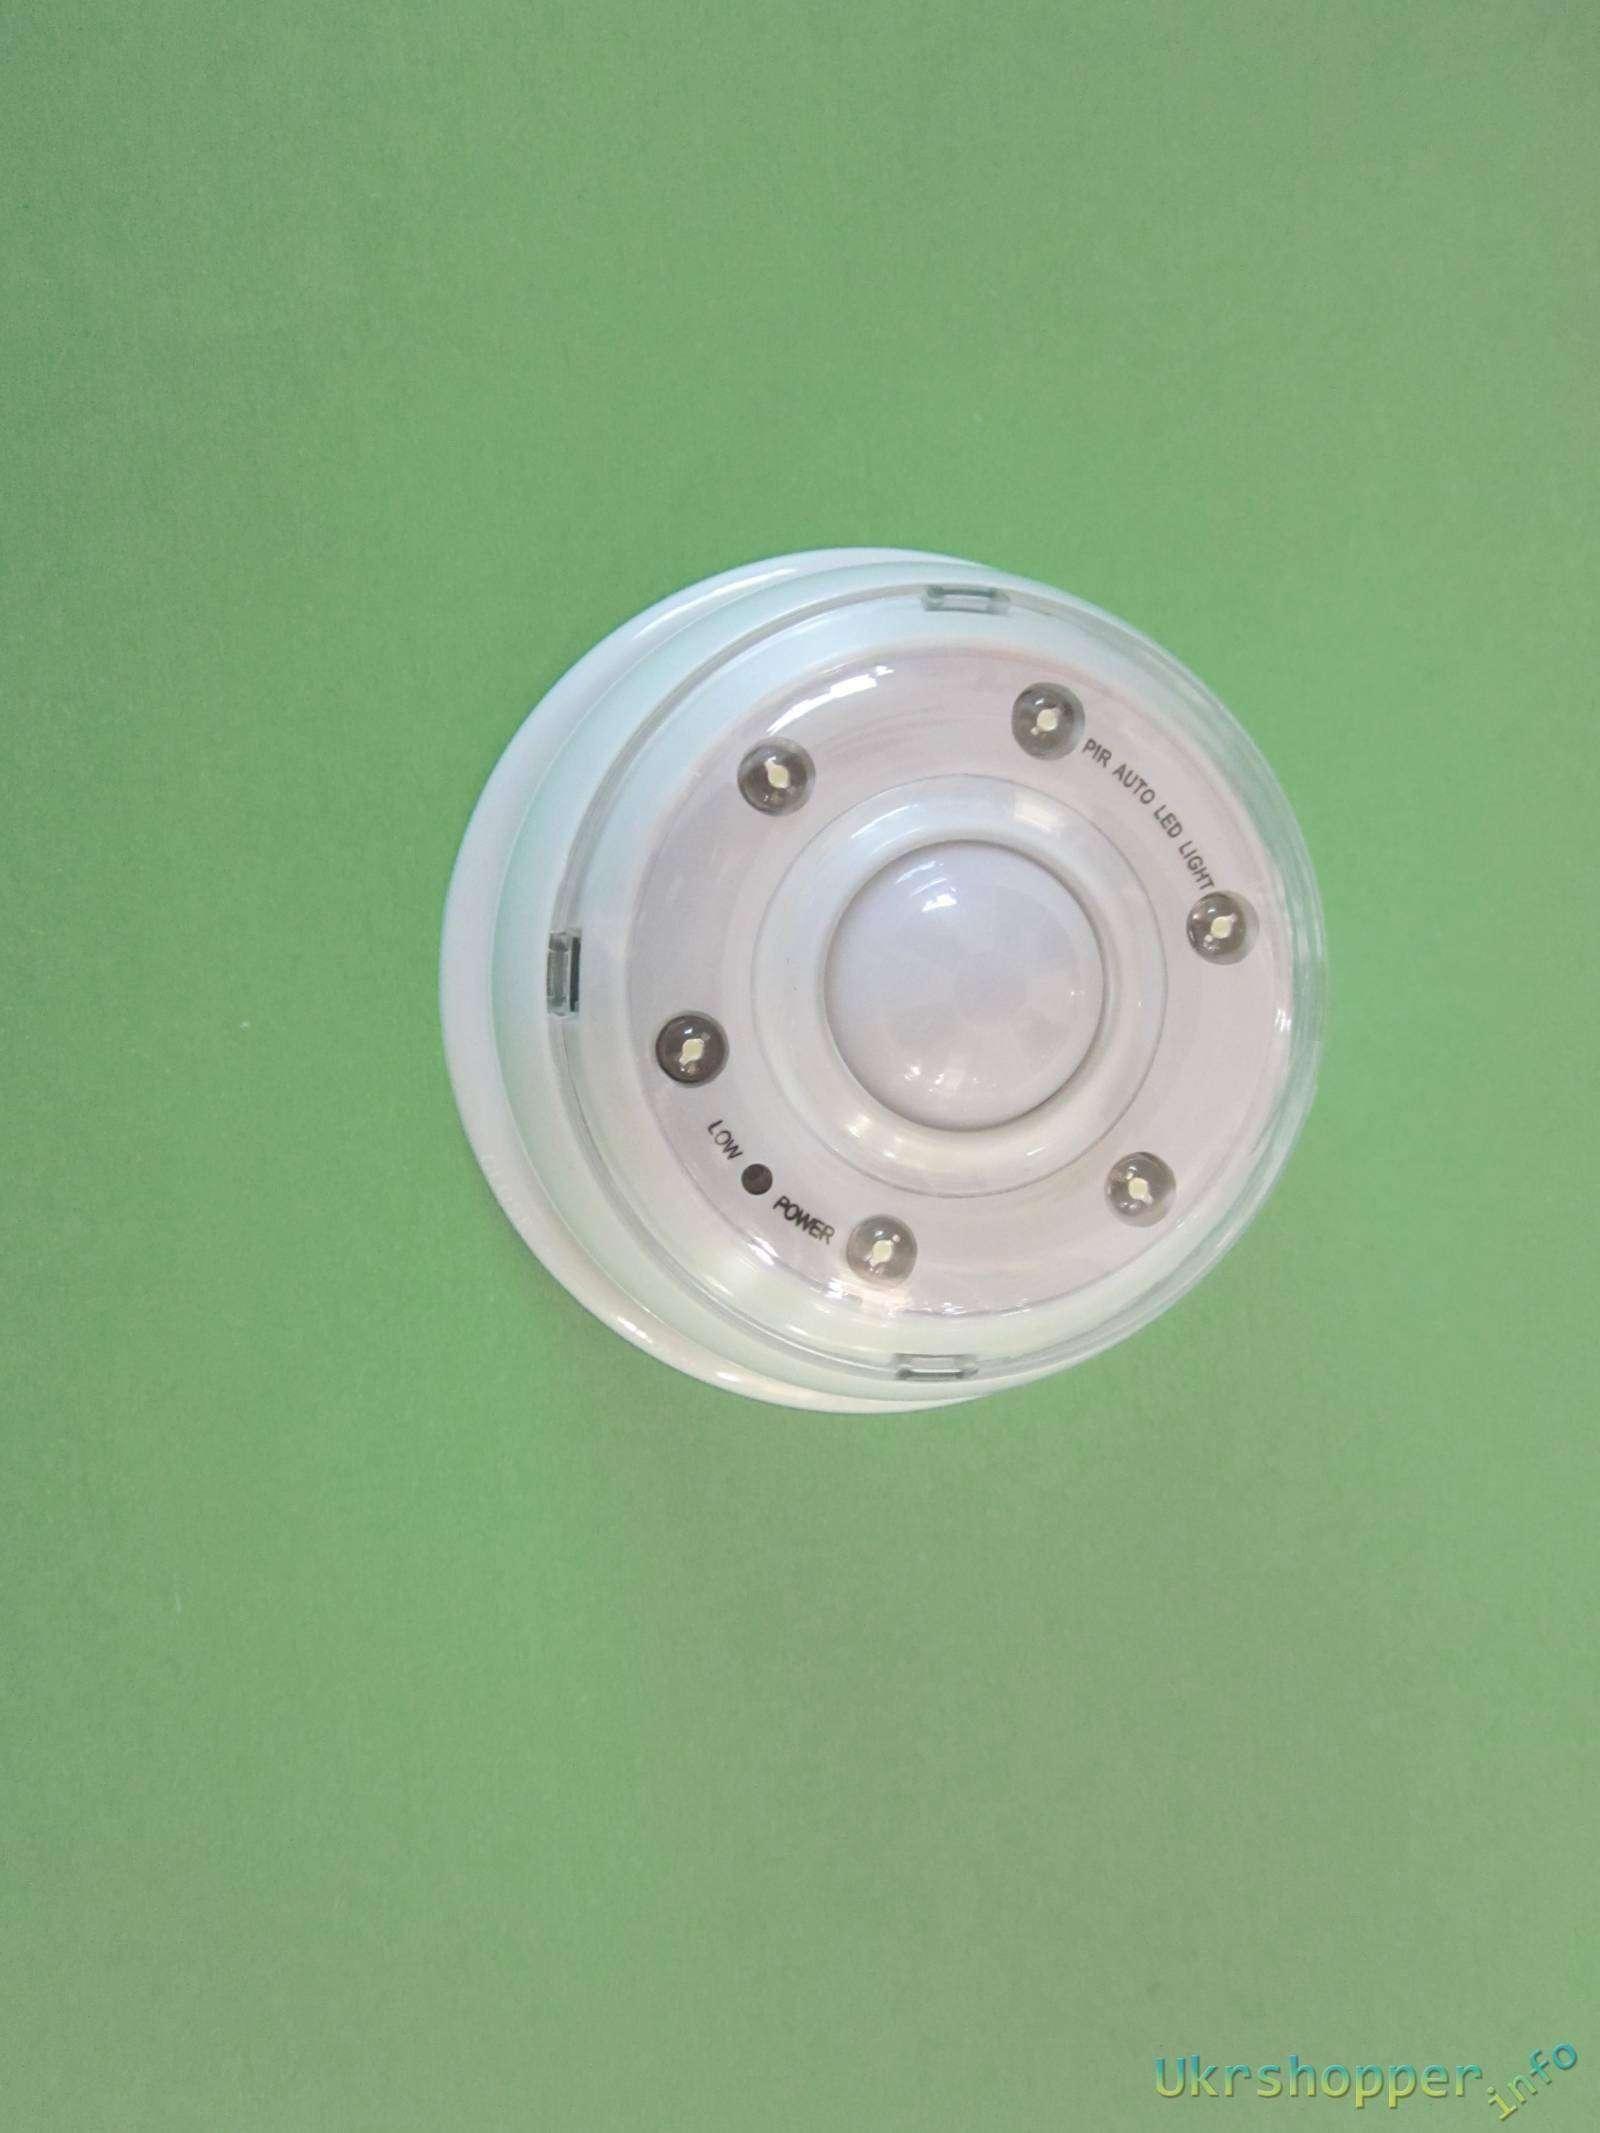 Aliexpress: Обзор небольшого светильника с датчиком движения на дачу